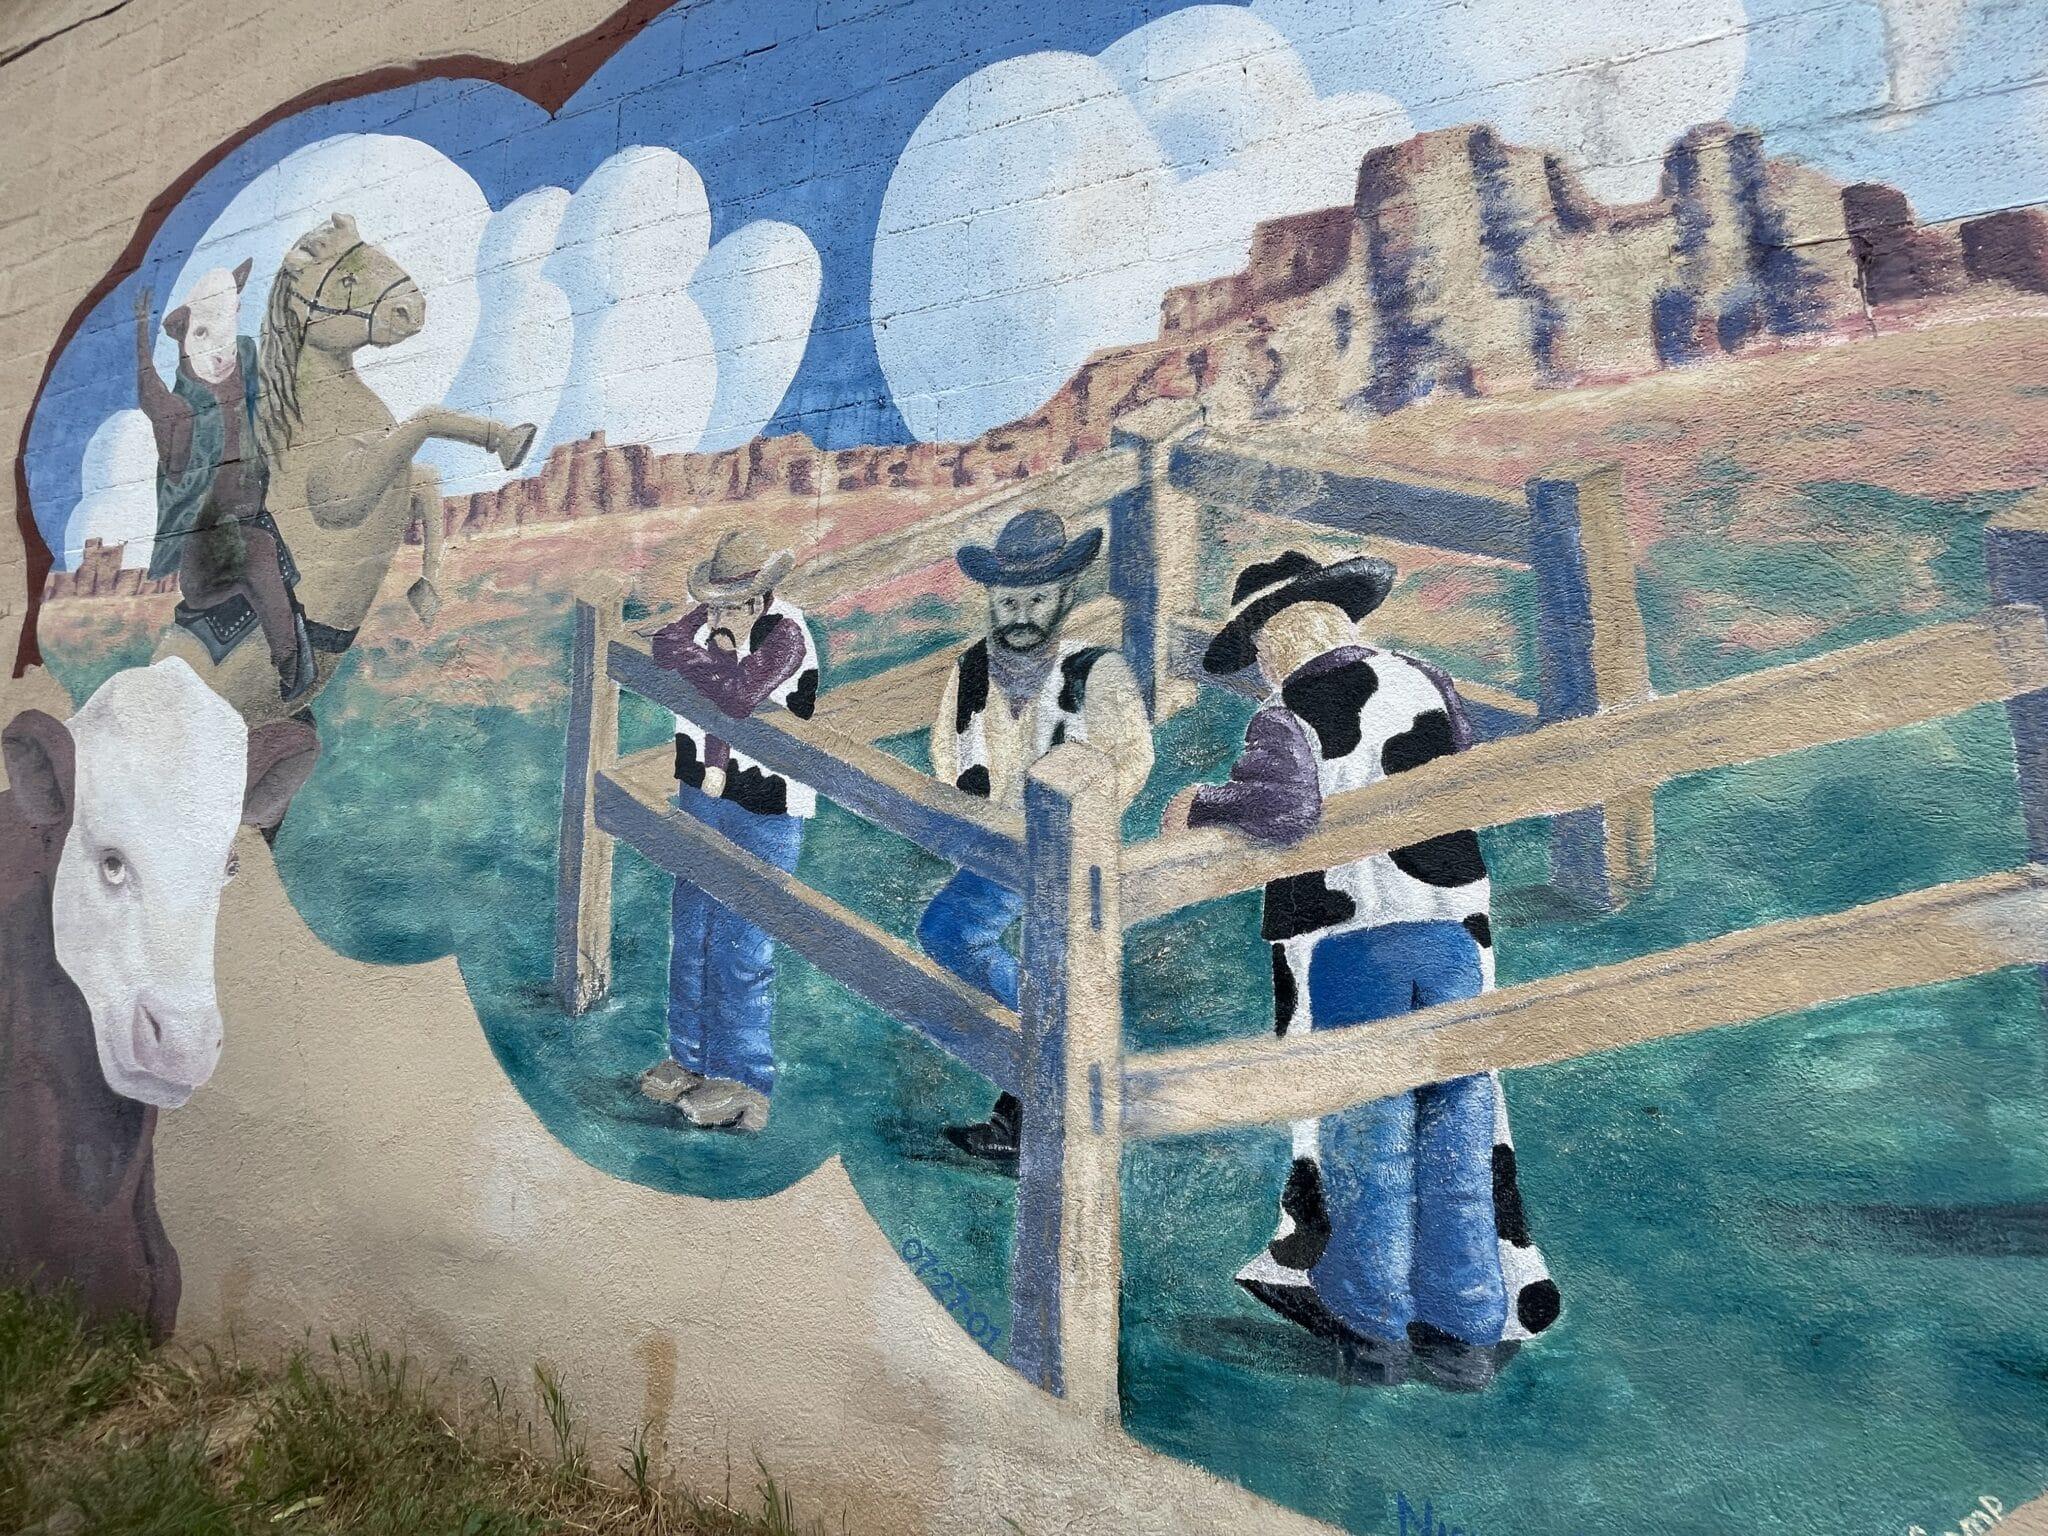 gambar mural di la veta